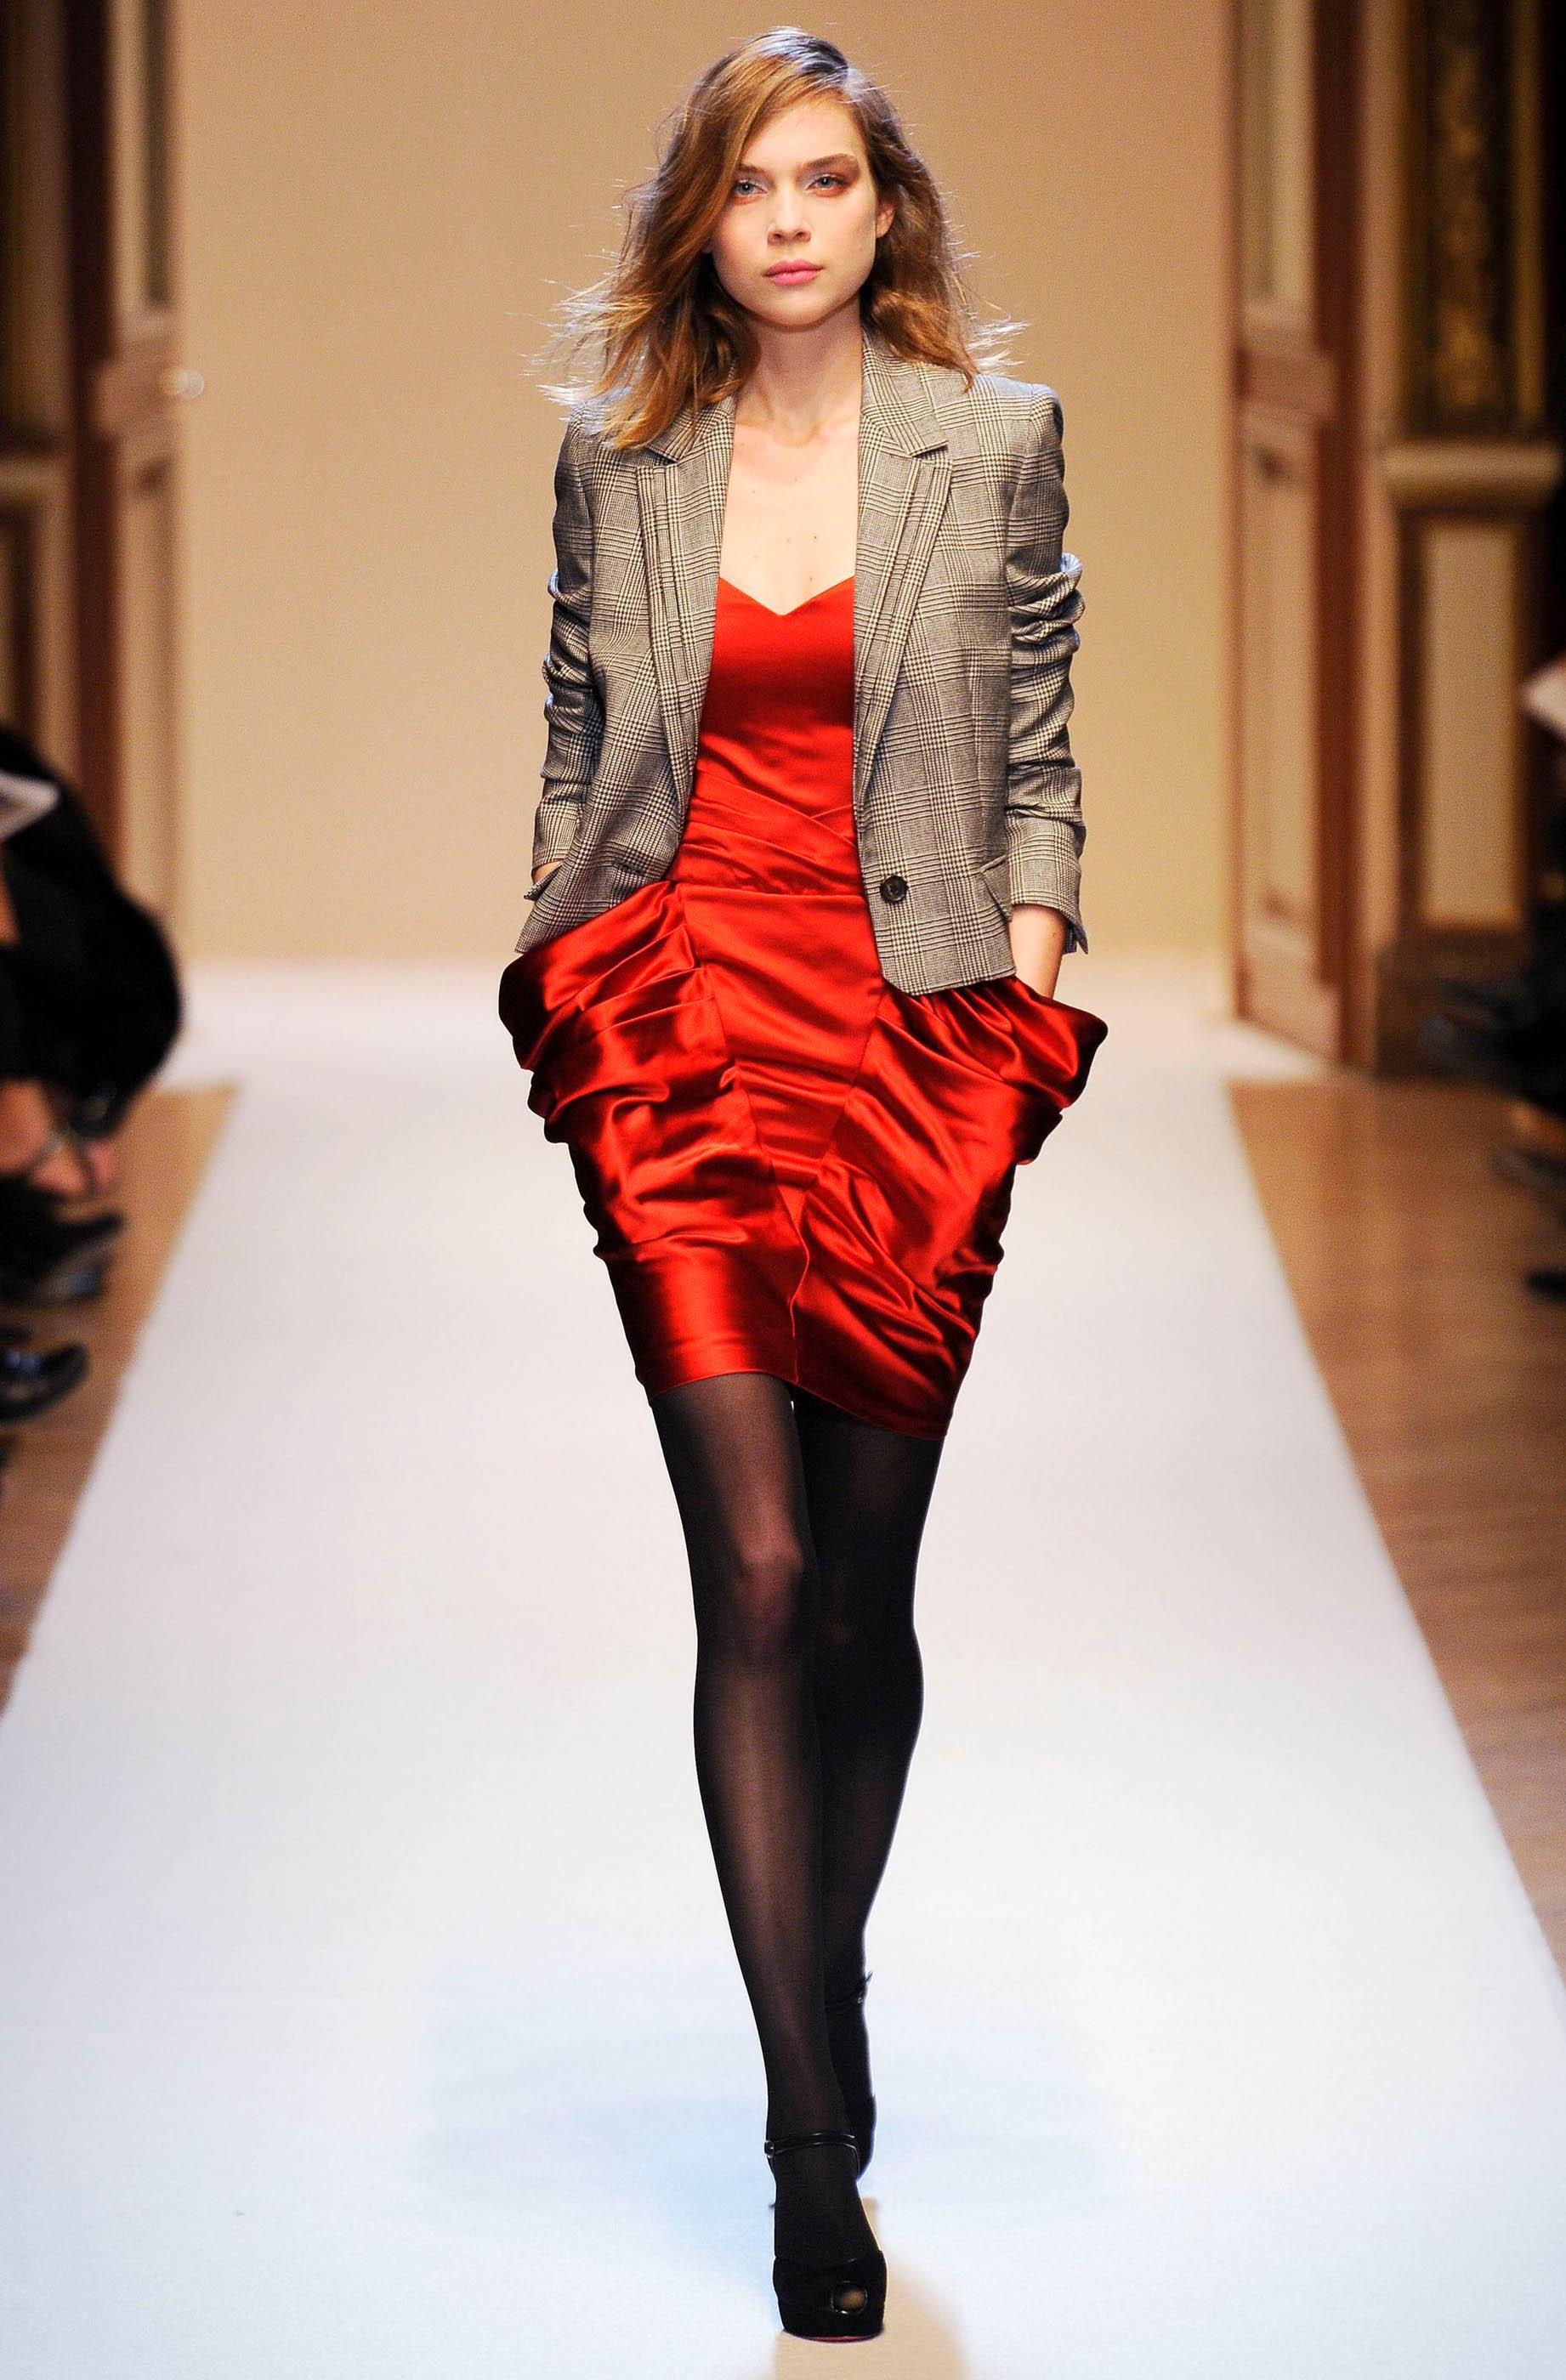 Оттенки представленных красных платьев варьируются от светло на который Мода-блог дает Творческий...